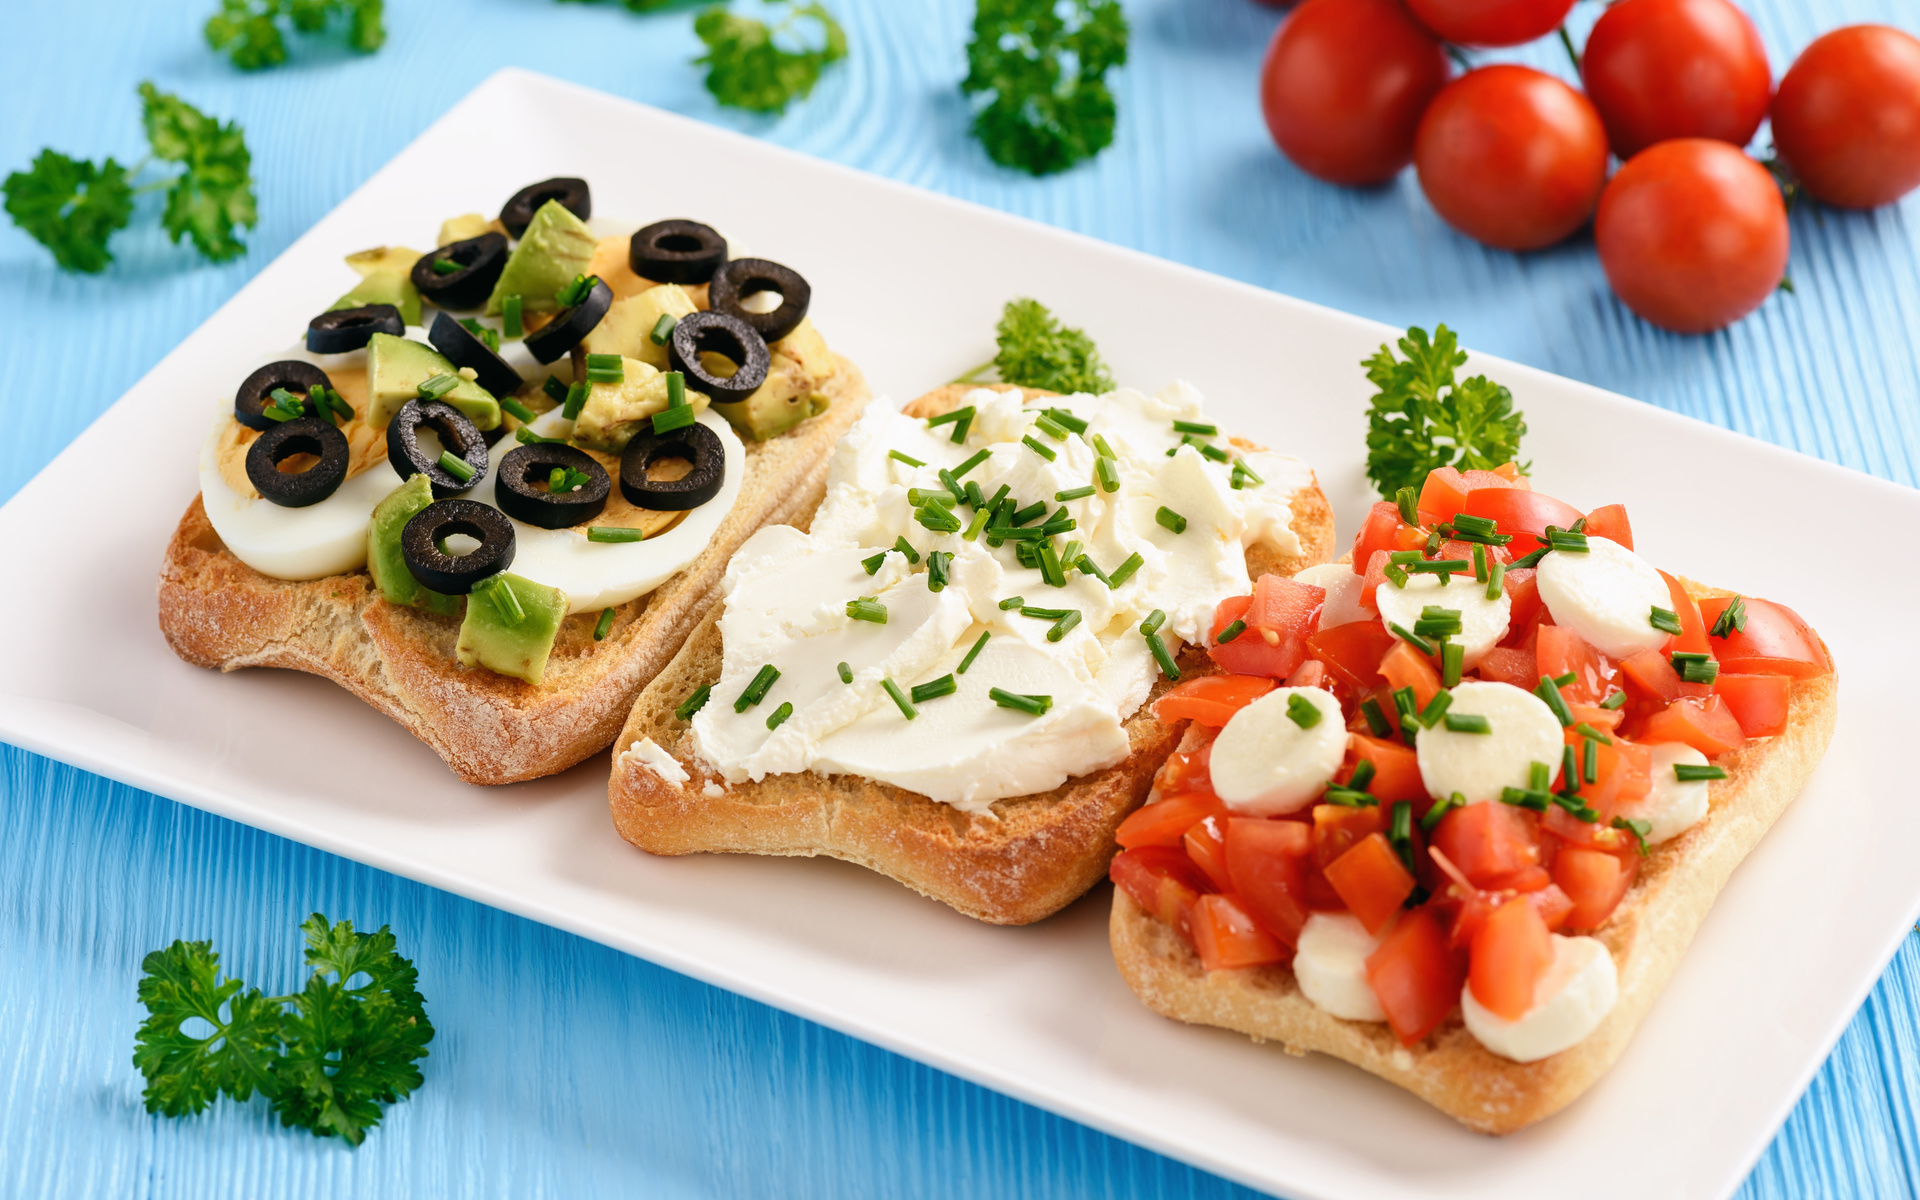 три, аппетитных, бутерброда, на столе, с помидорами и петрушкой